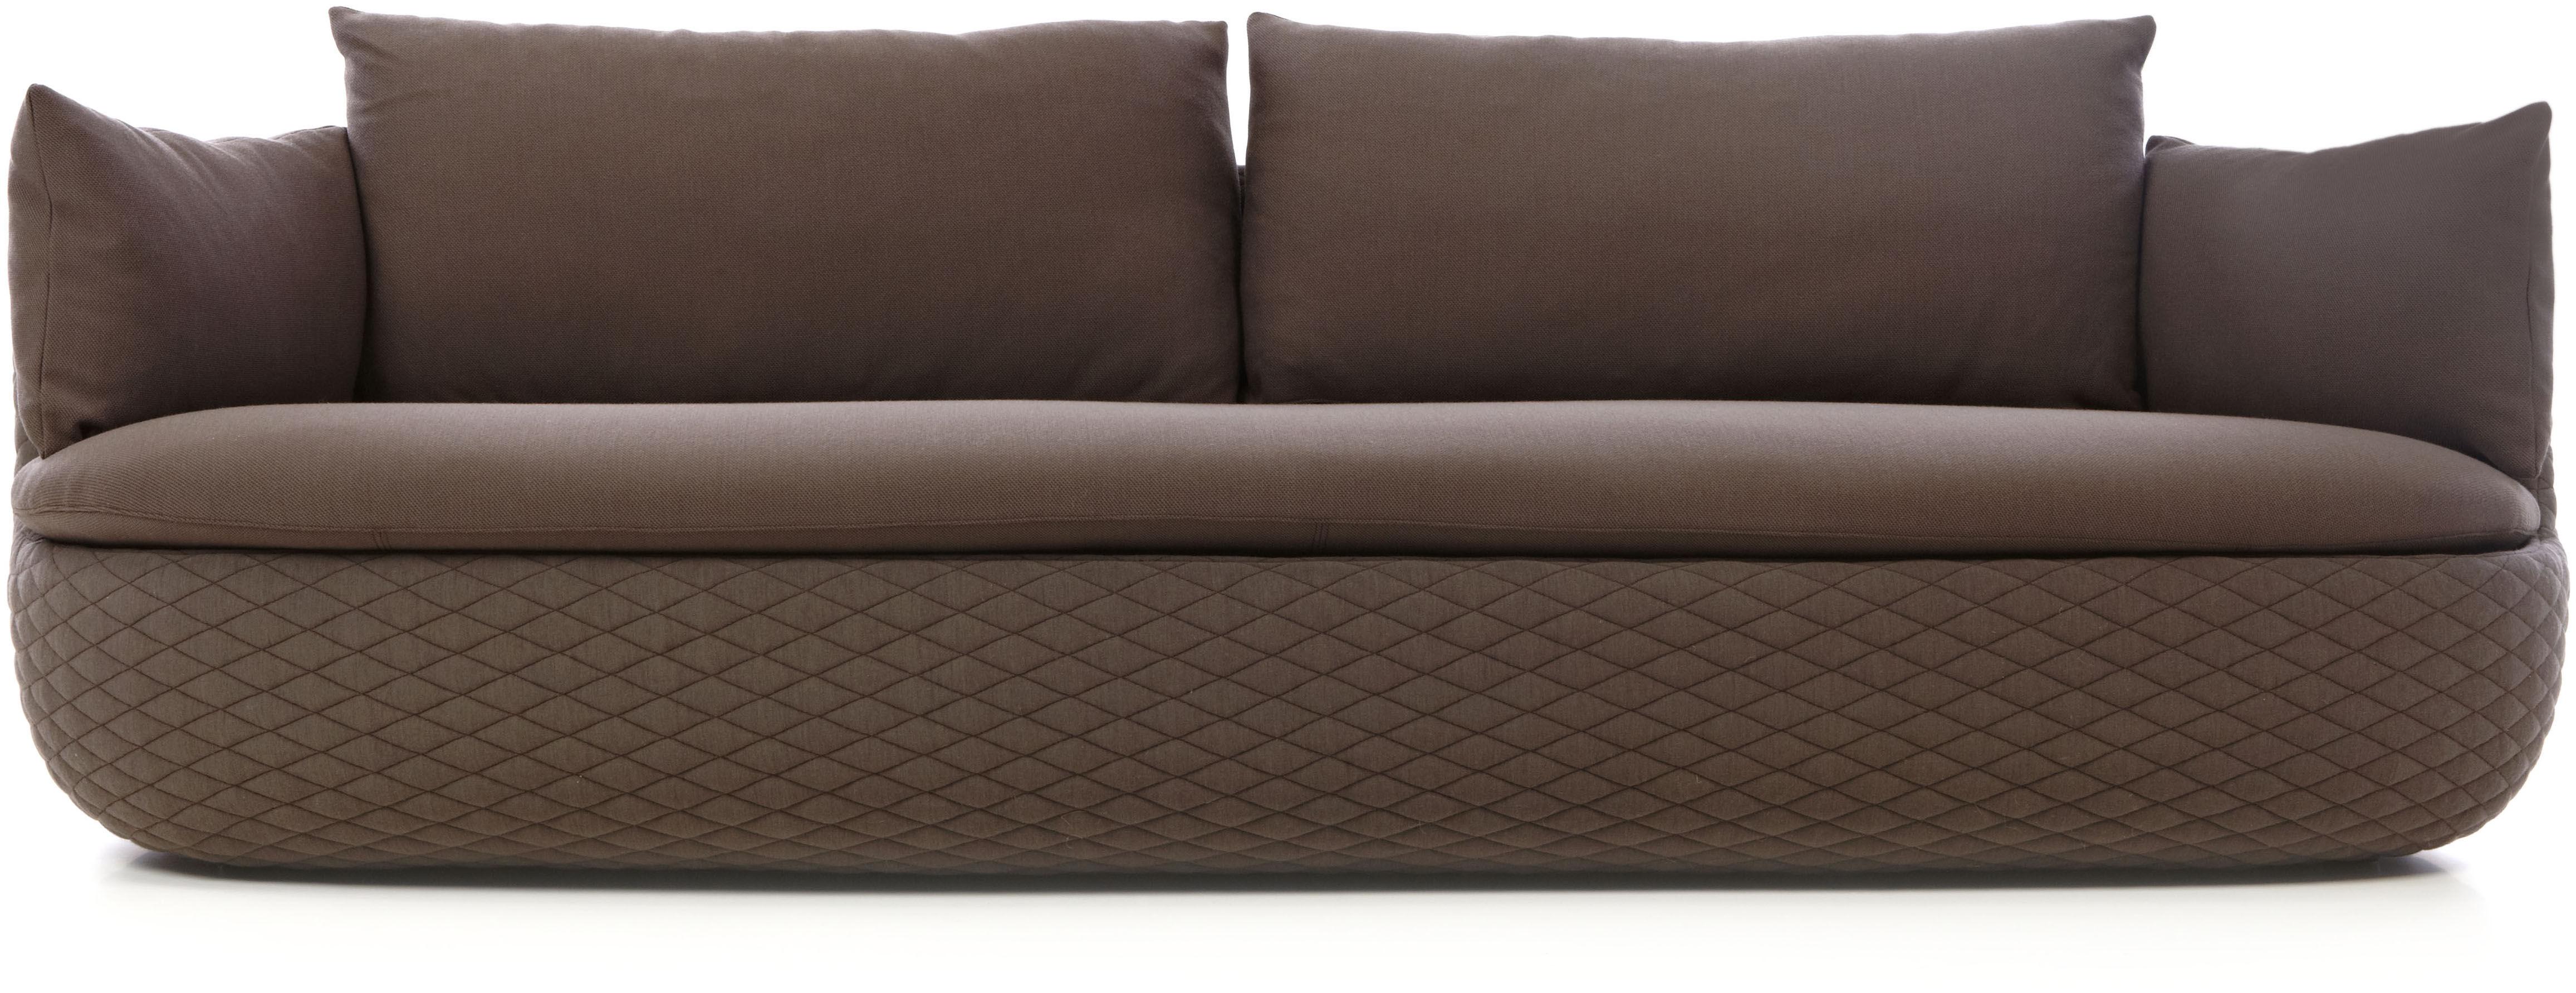 Mobilier - Canapés - Canapé droit Bart / L 235 cm - Tissu - Moooi - Marron / Base surpiqûres - Bois, Mousse, Tissu